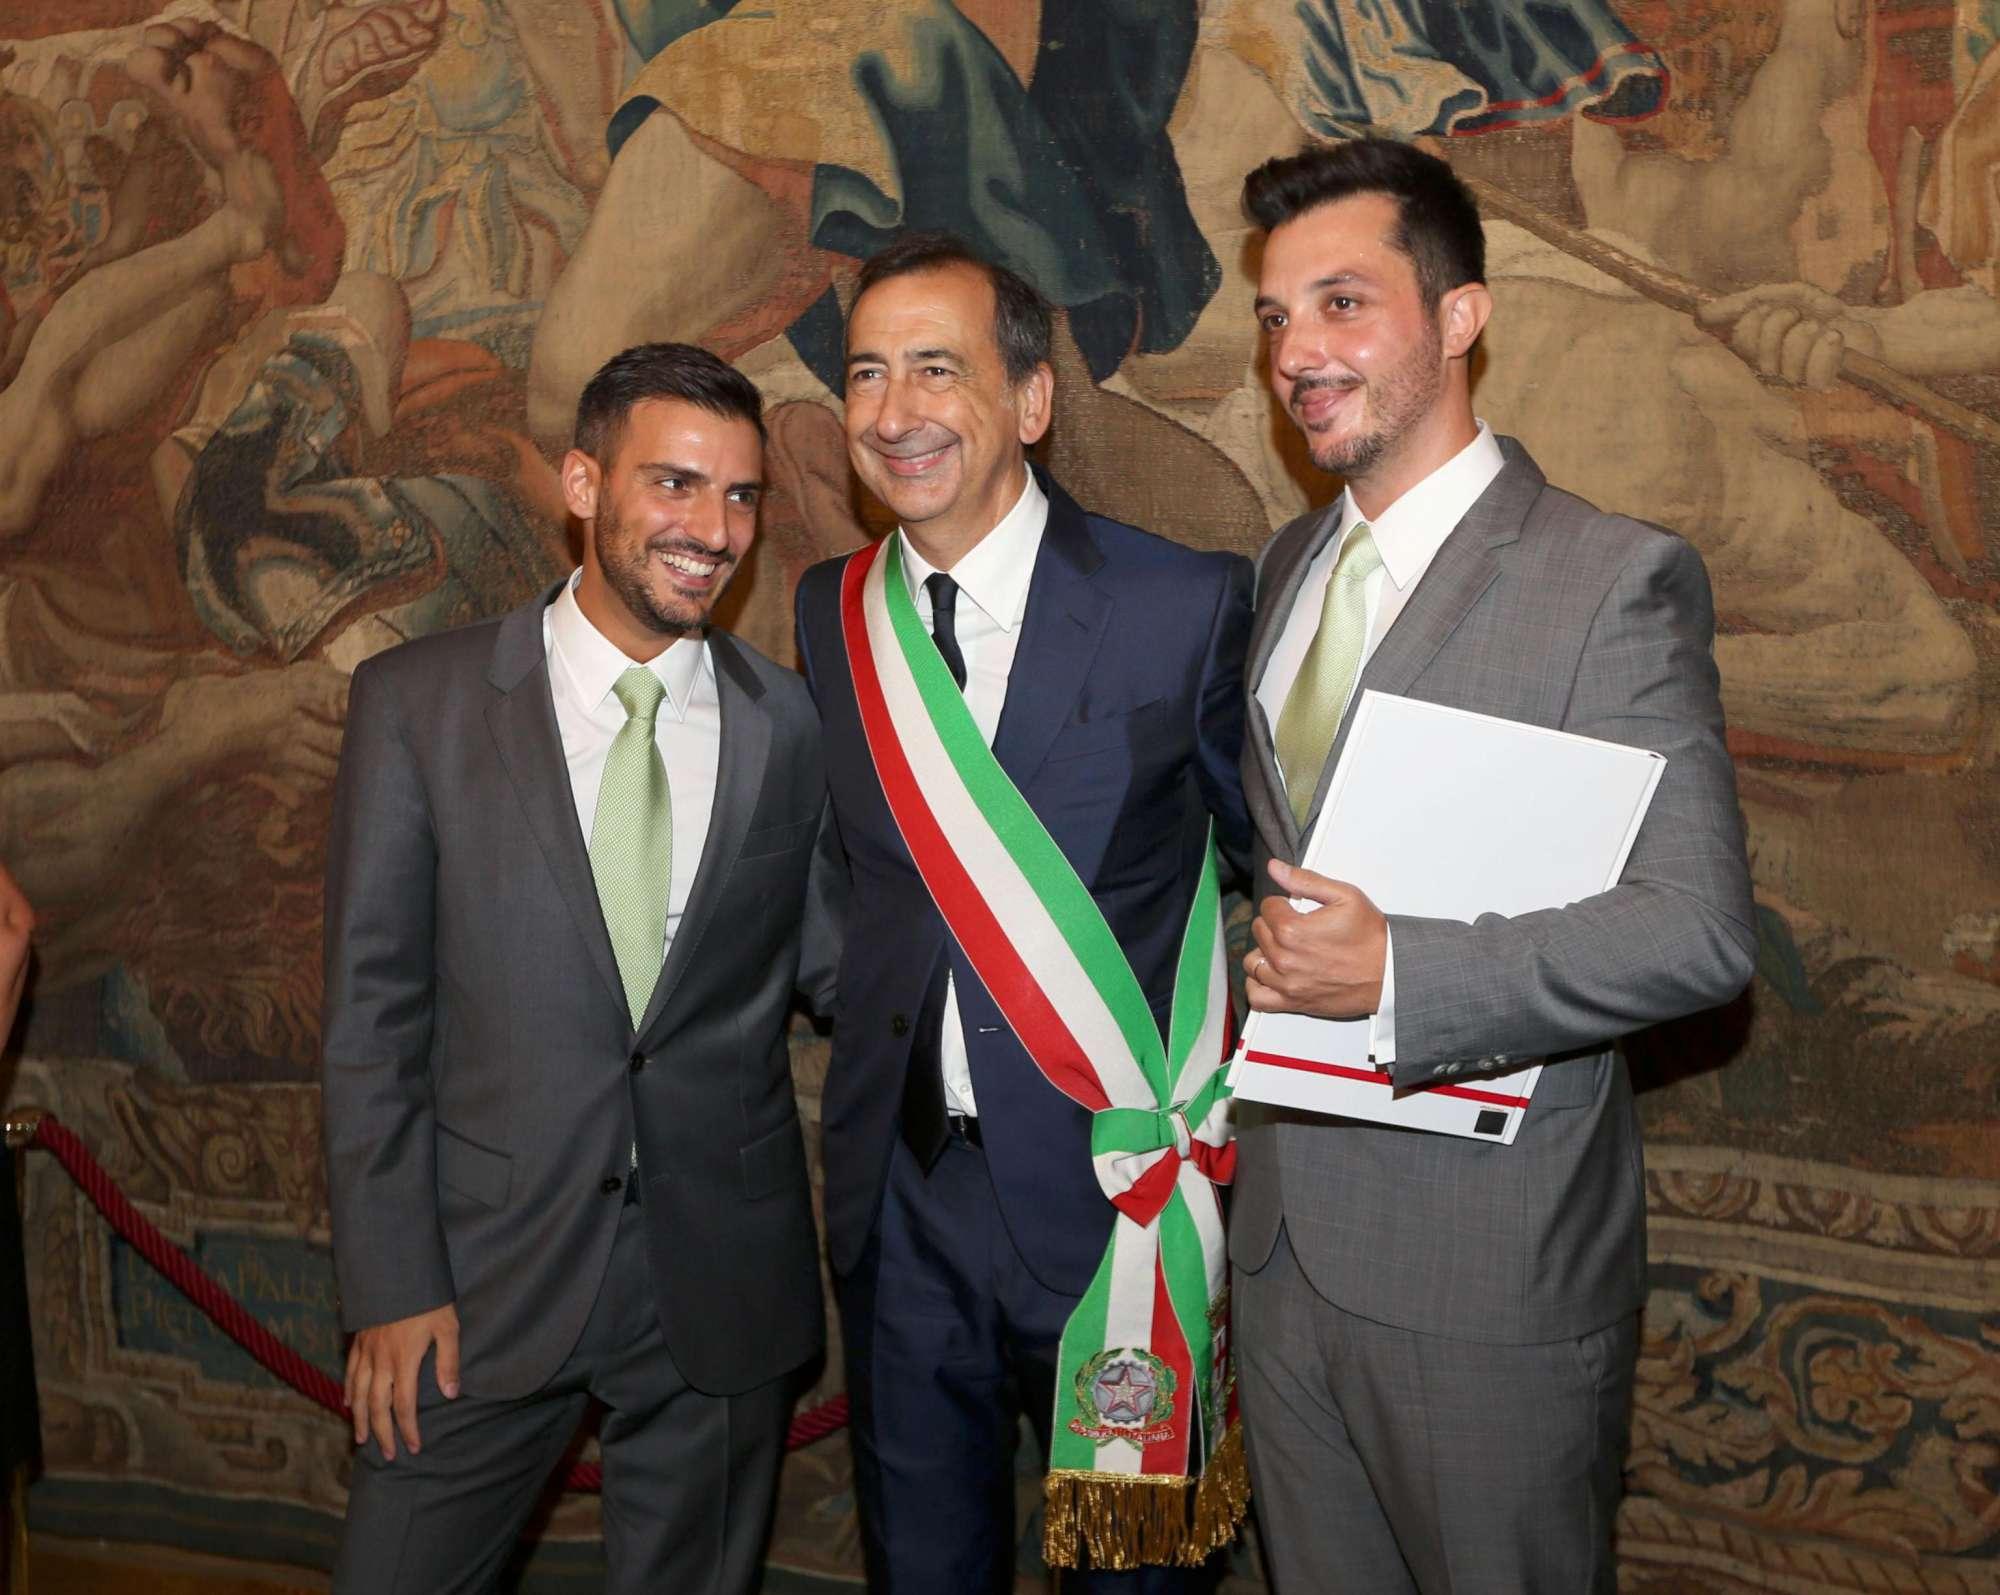 A Milano il sindaco Sala celebra le prime due unioni civili